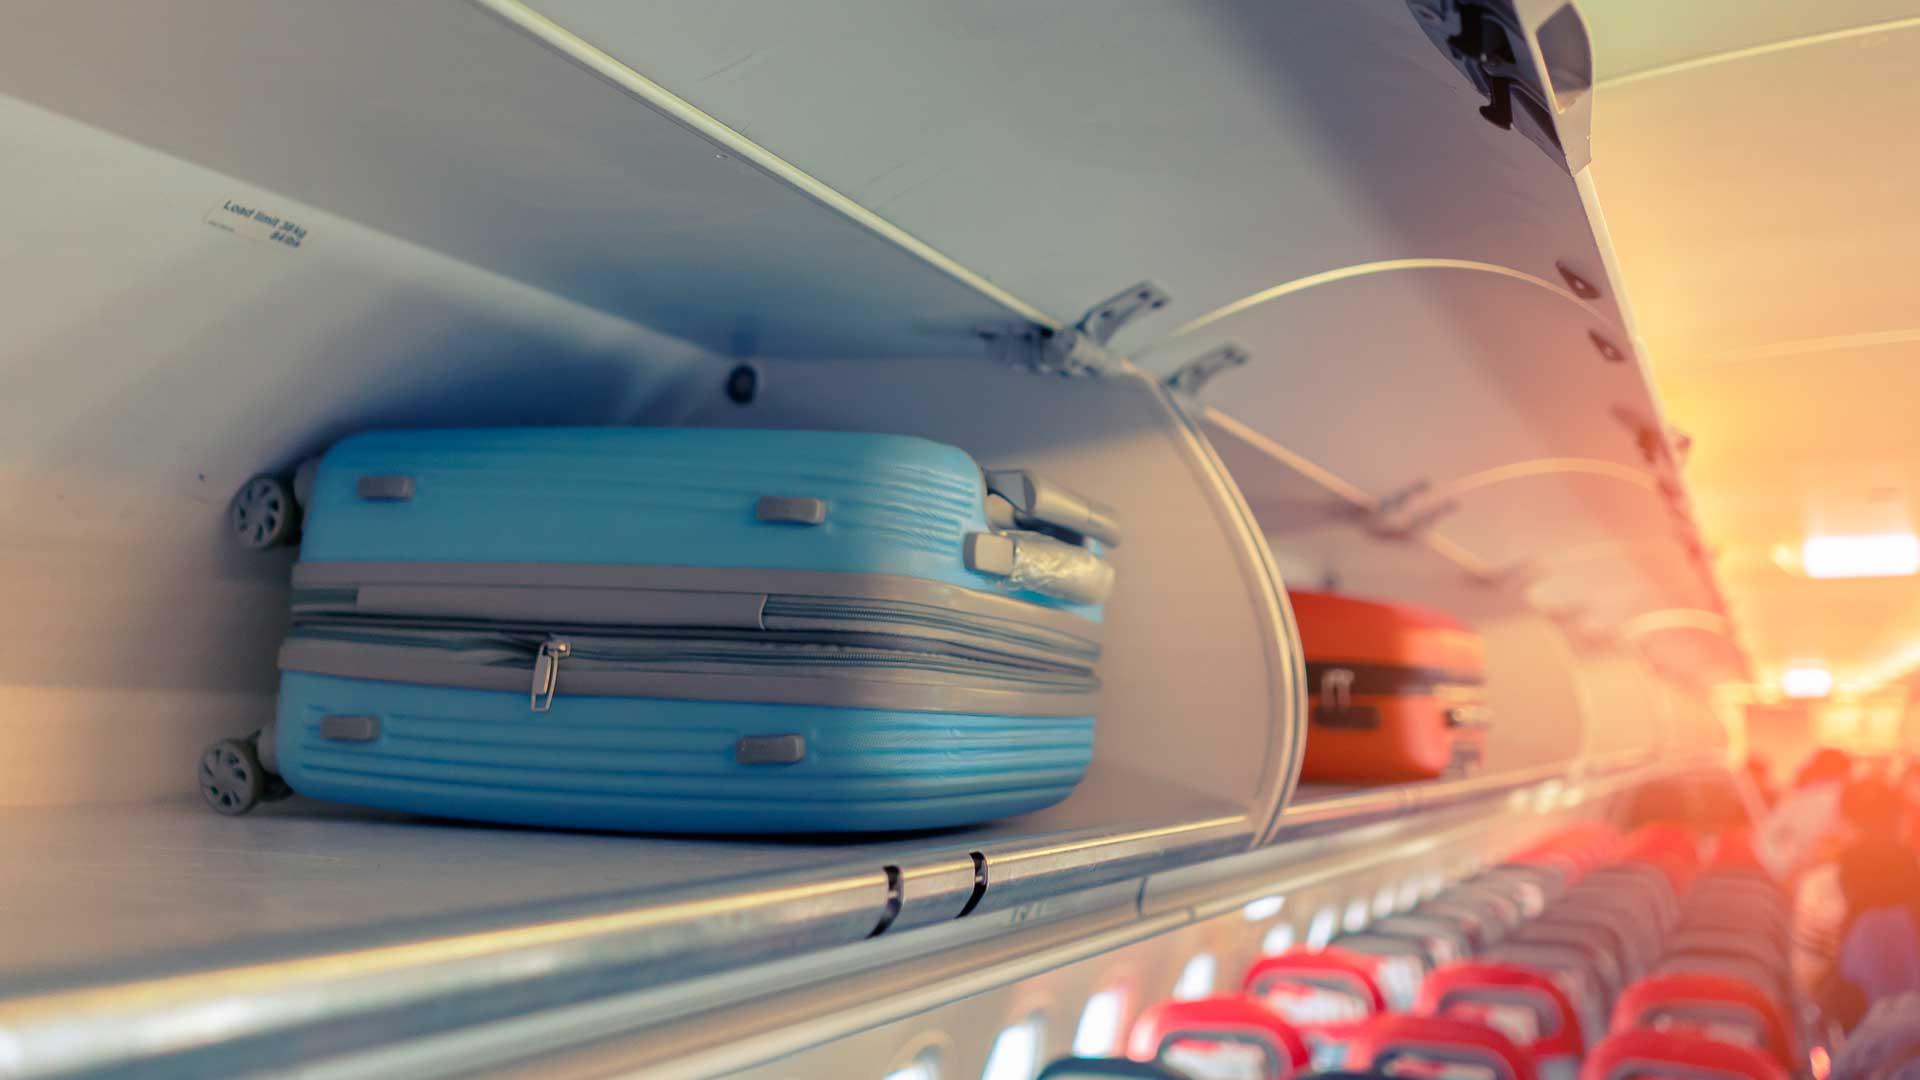 Equipaje de mano: las mejores maletas para viajar sin documentar